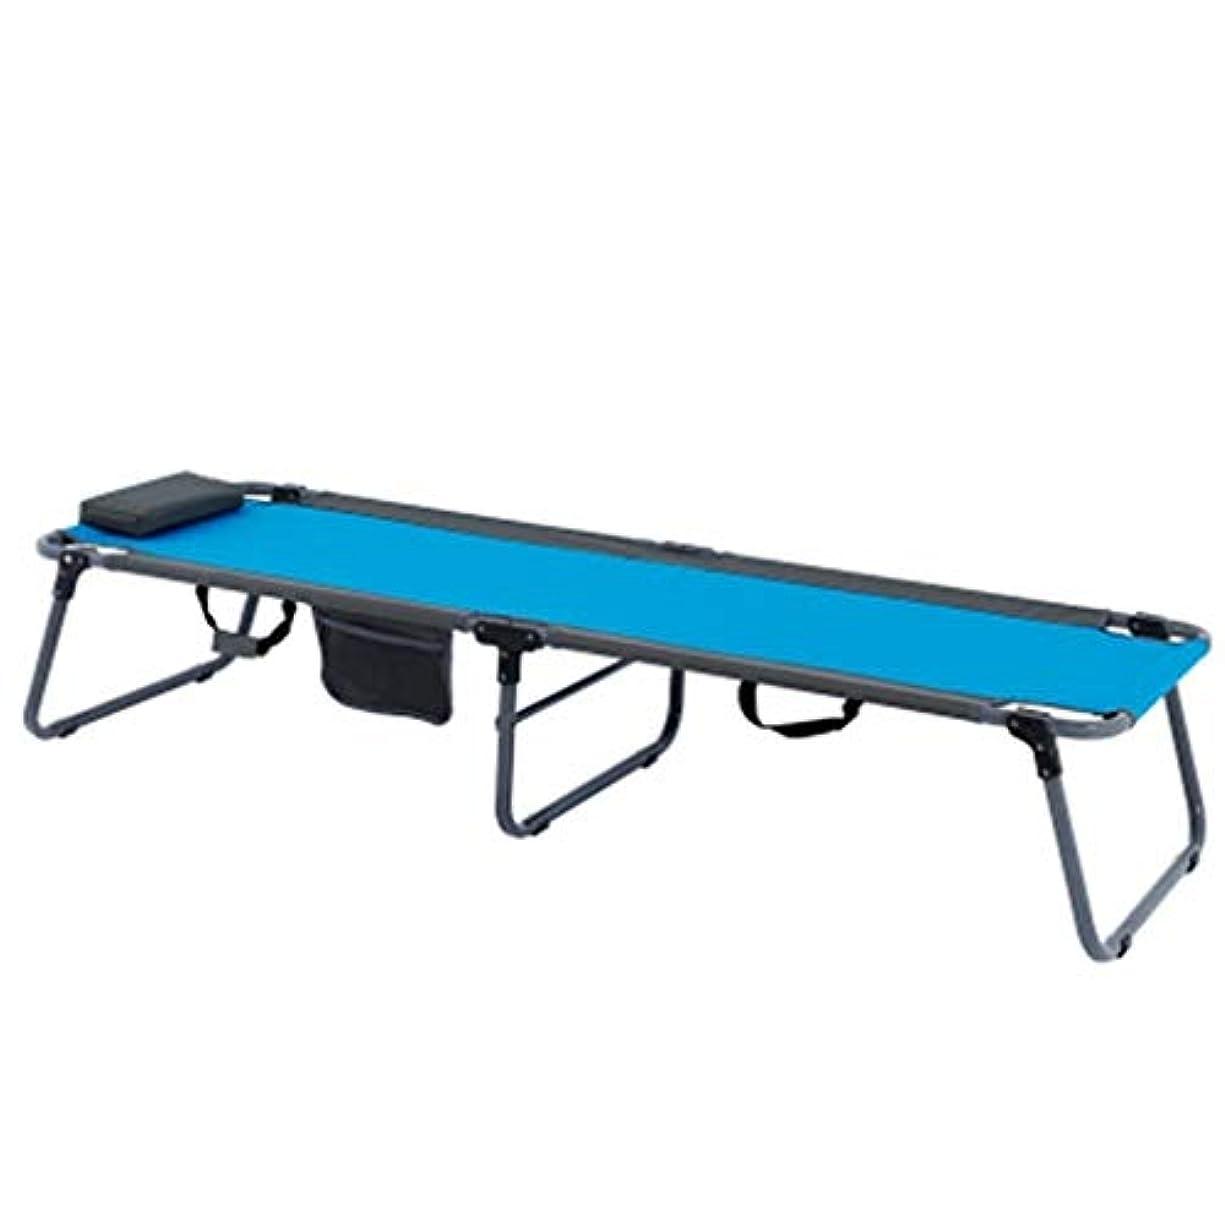 荒野妻道ZAQXSW 折りたたみベッドオフィスランチベッドシングルベッド見えないベッド屋外シンプルな仮眠ベッドキャンプベッドポータブル (Color : Blue)